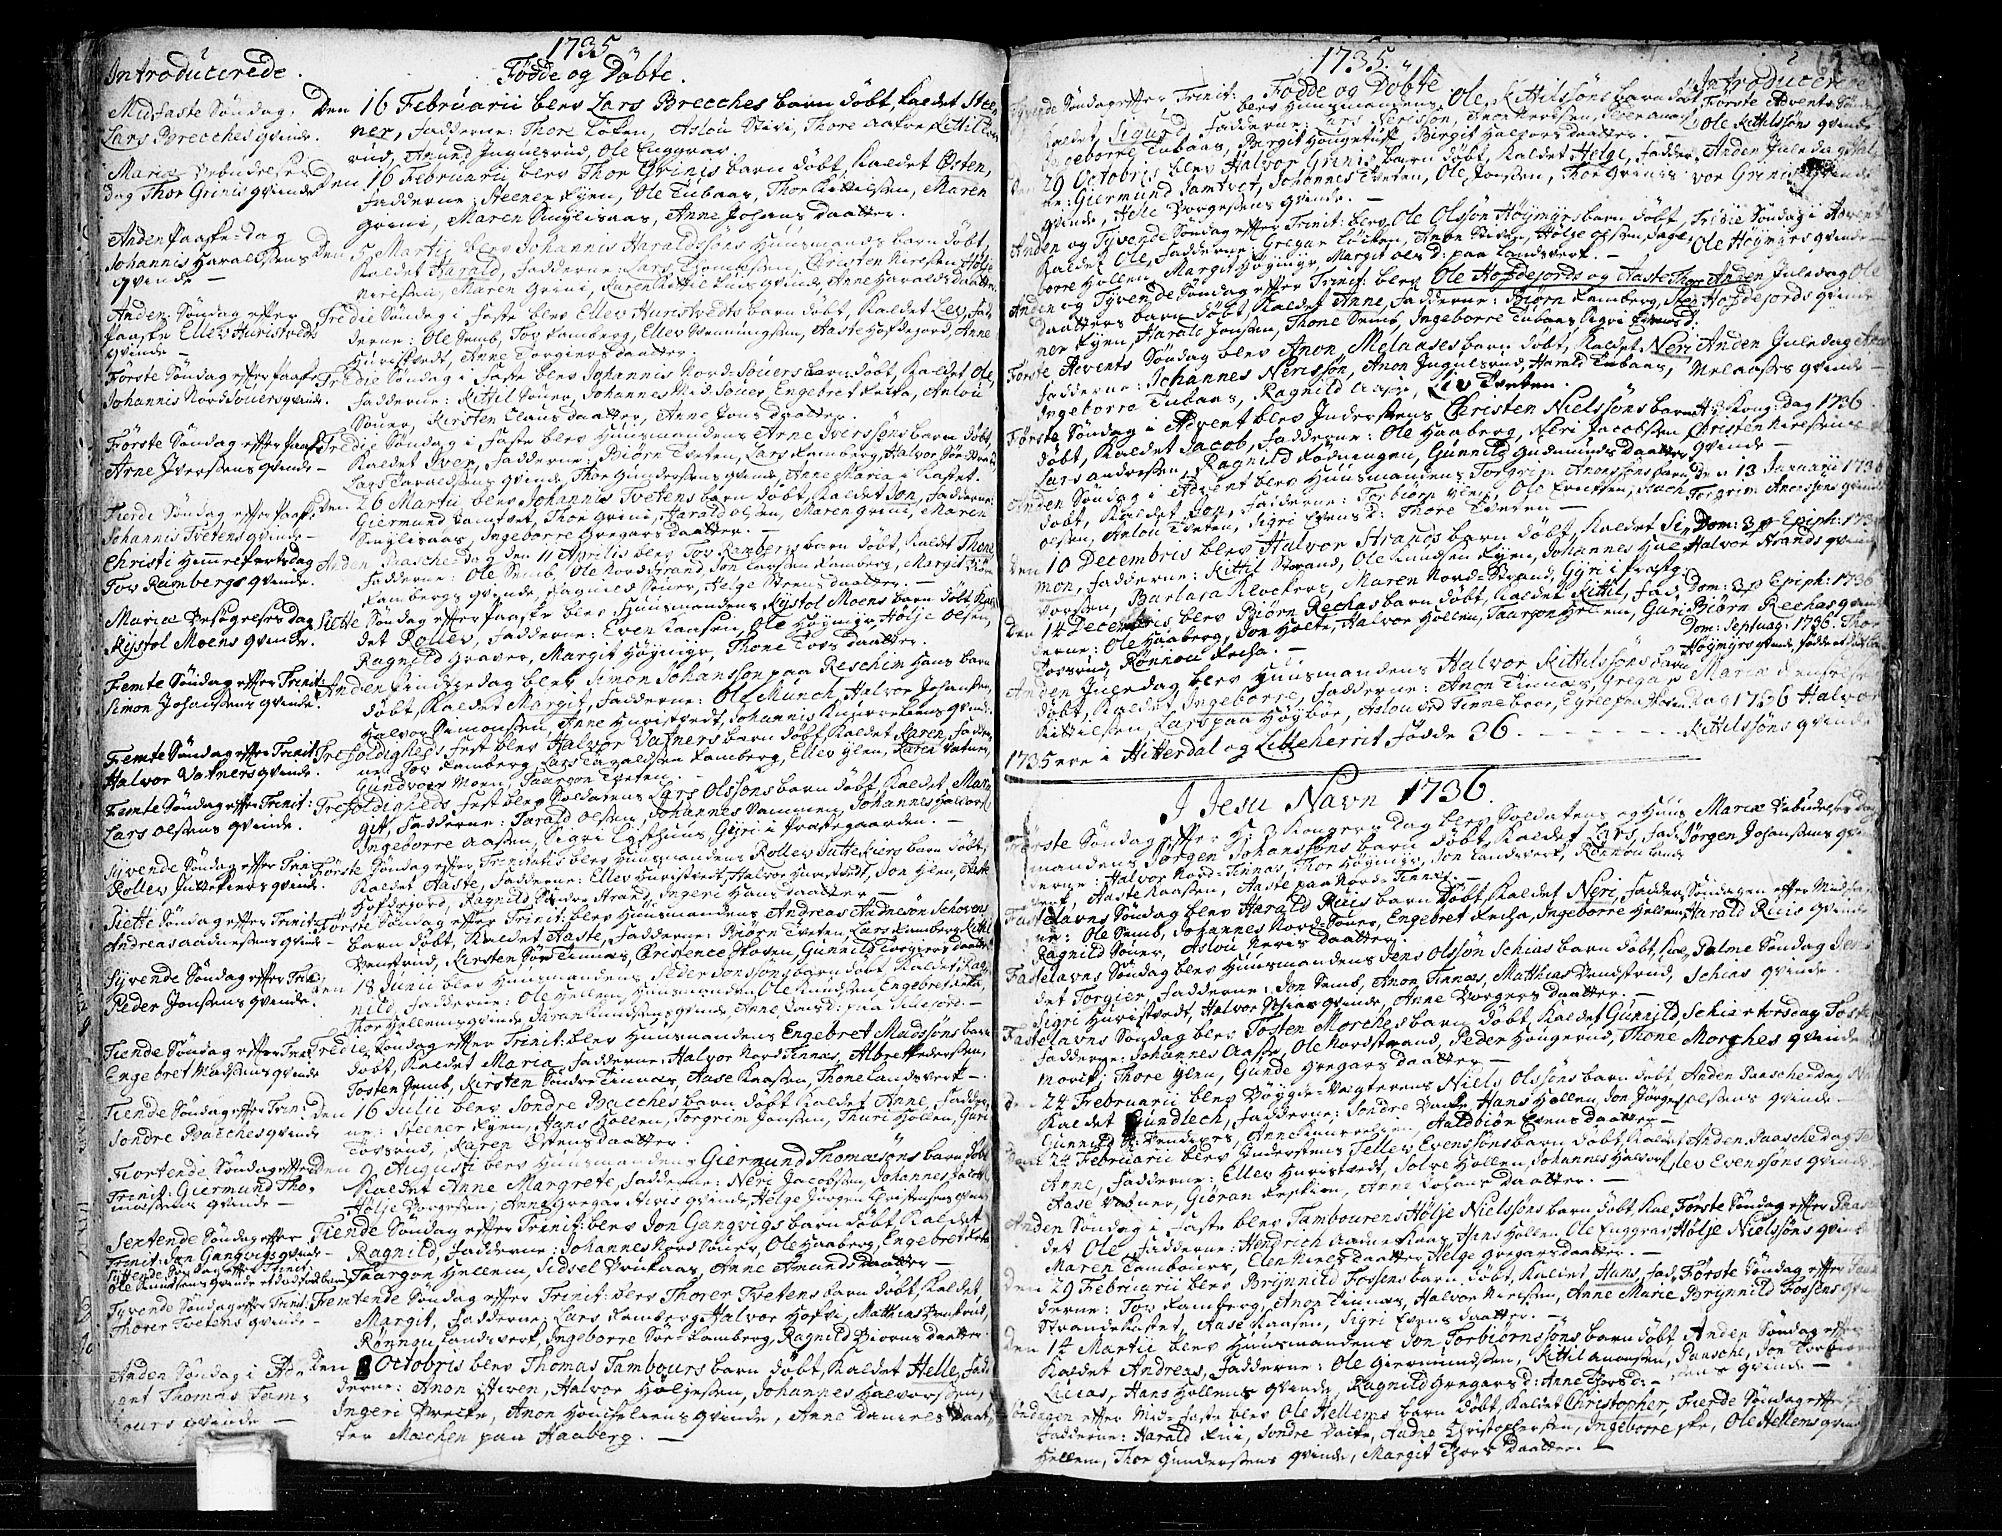 SAKO, Heddal kirkebøker, F/Fa/L0003: Ministerialbok nr. I 3, 1723-1783, s. 67